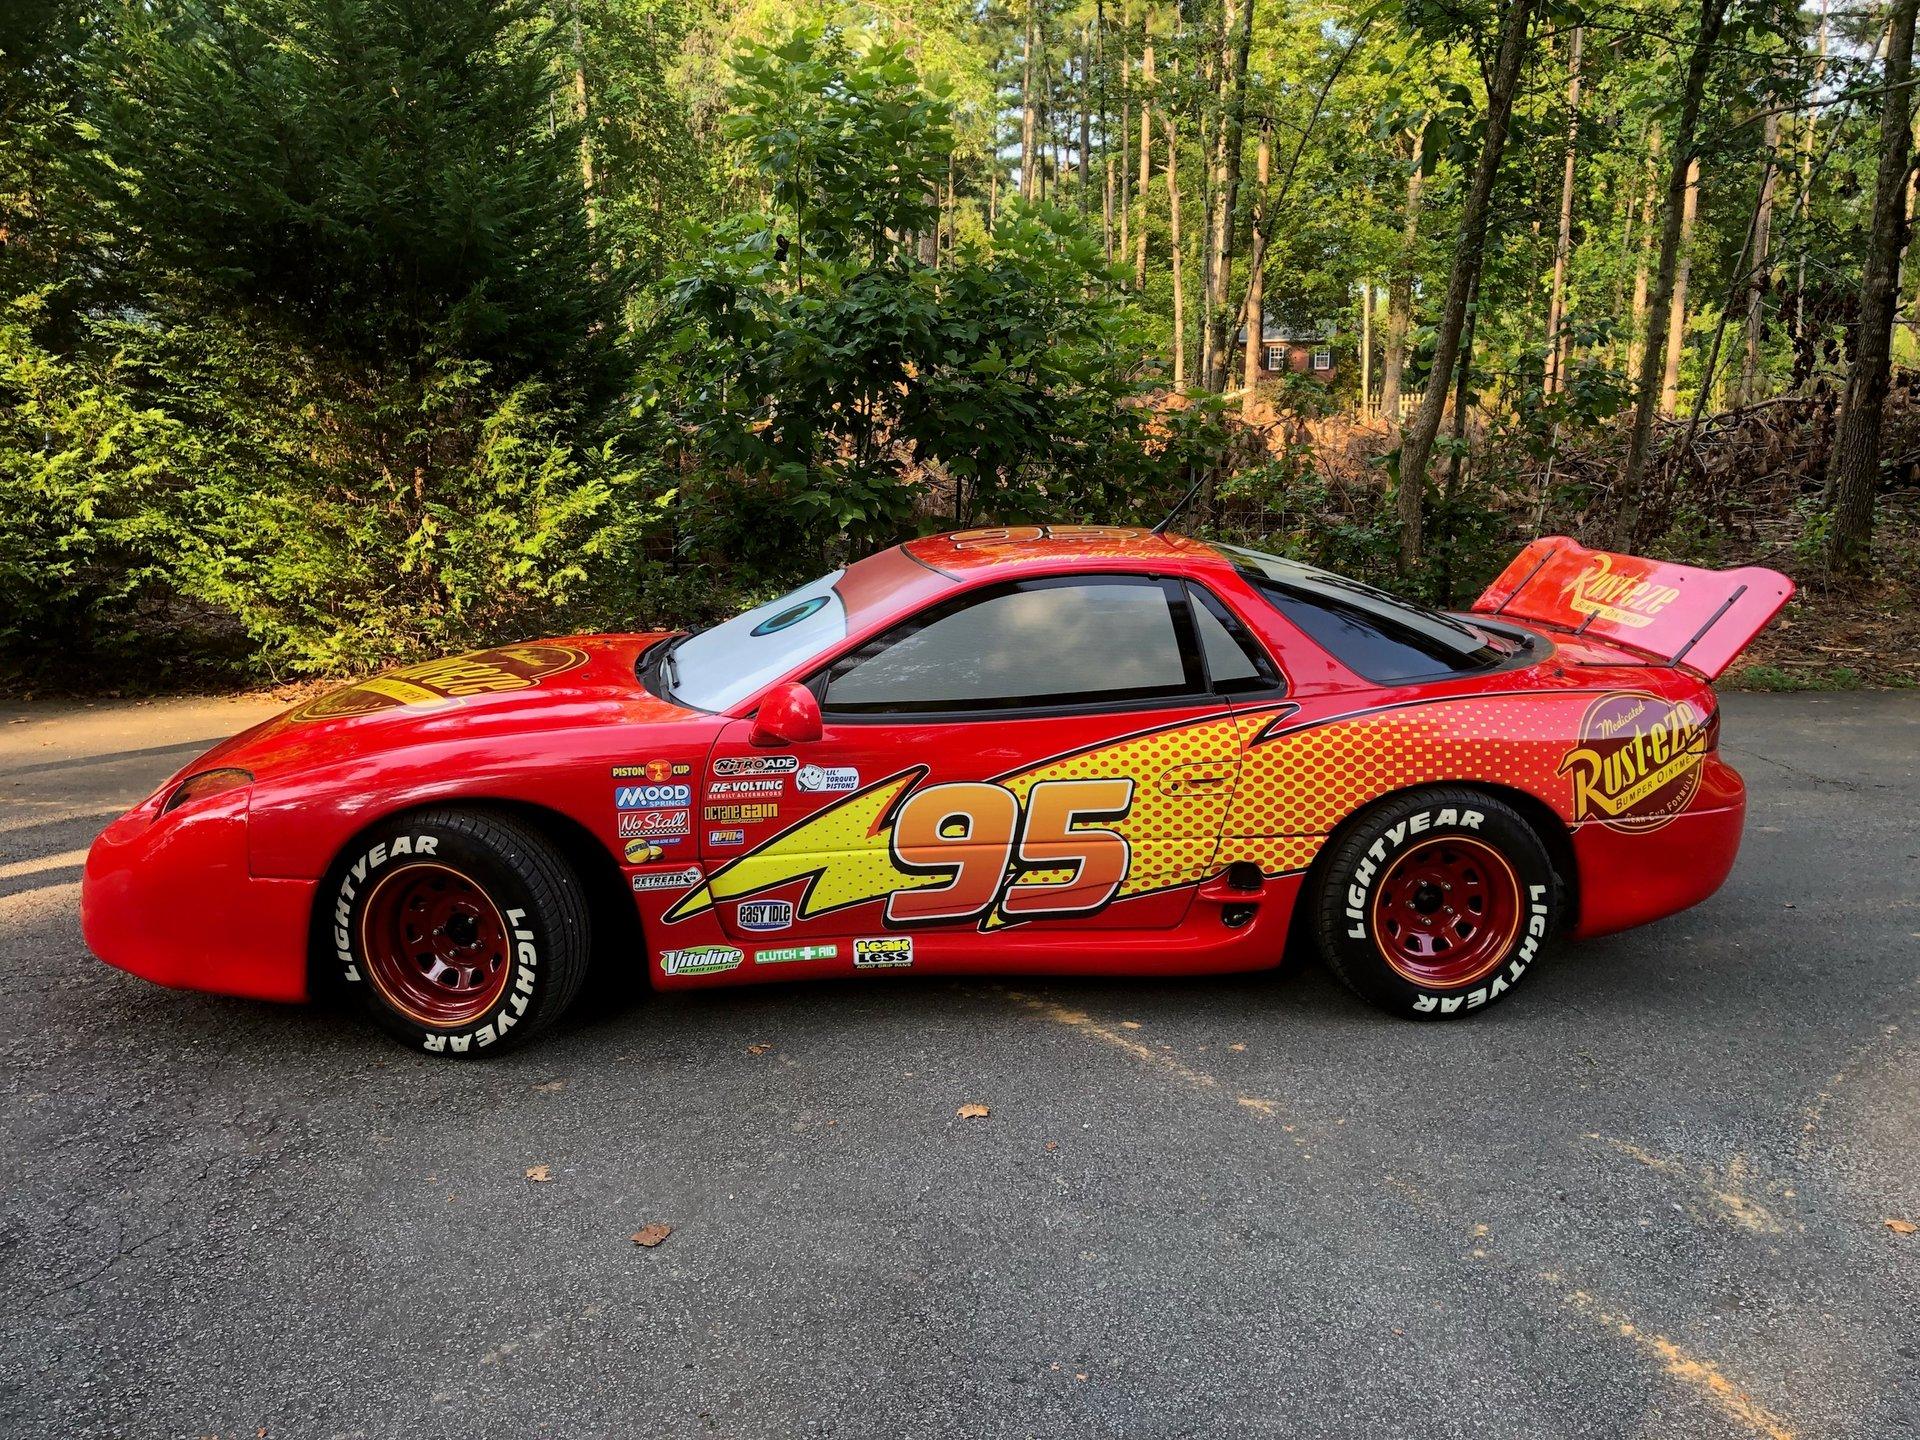 lightning mcqueen car model in real life  adiklightco